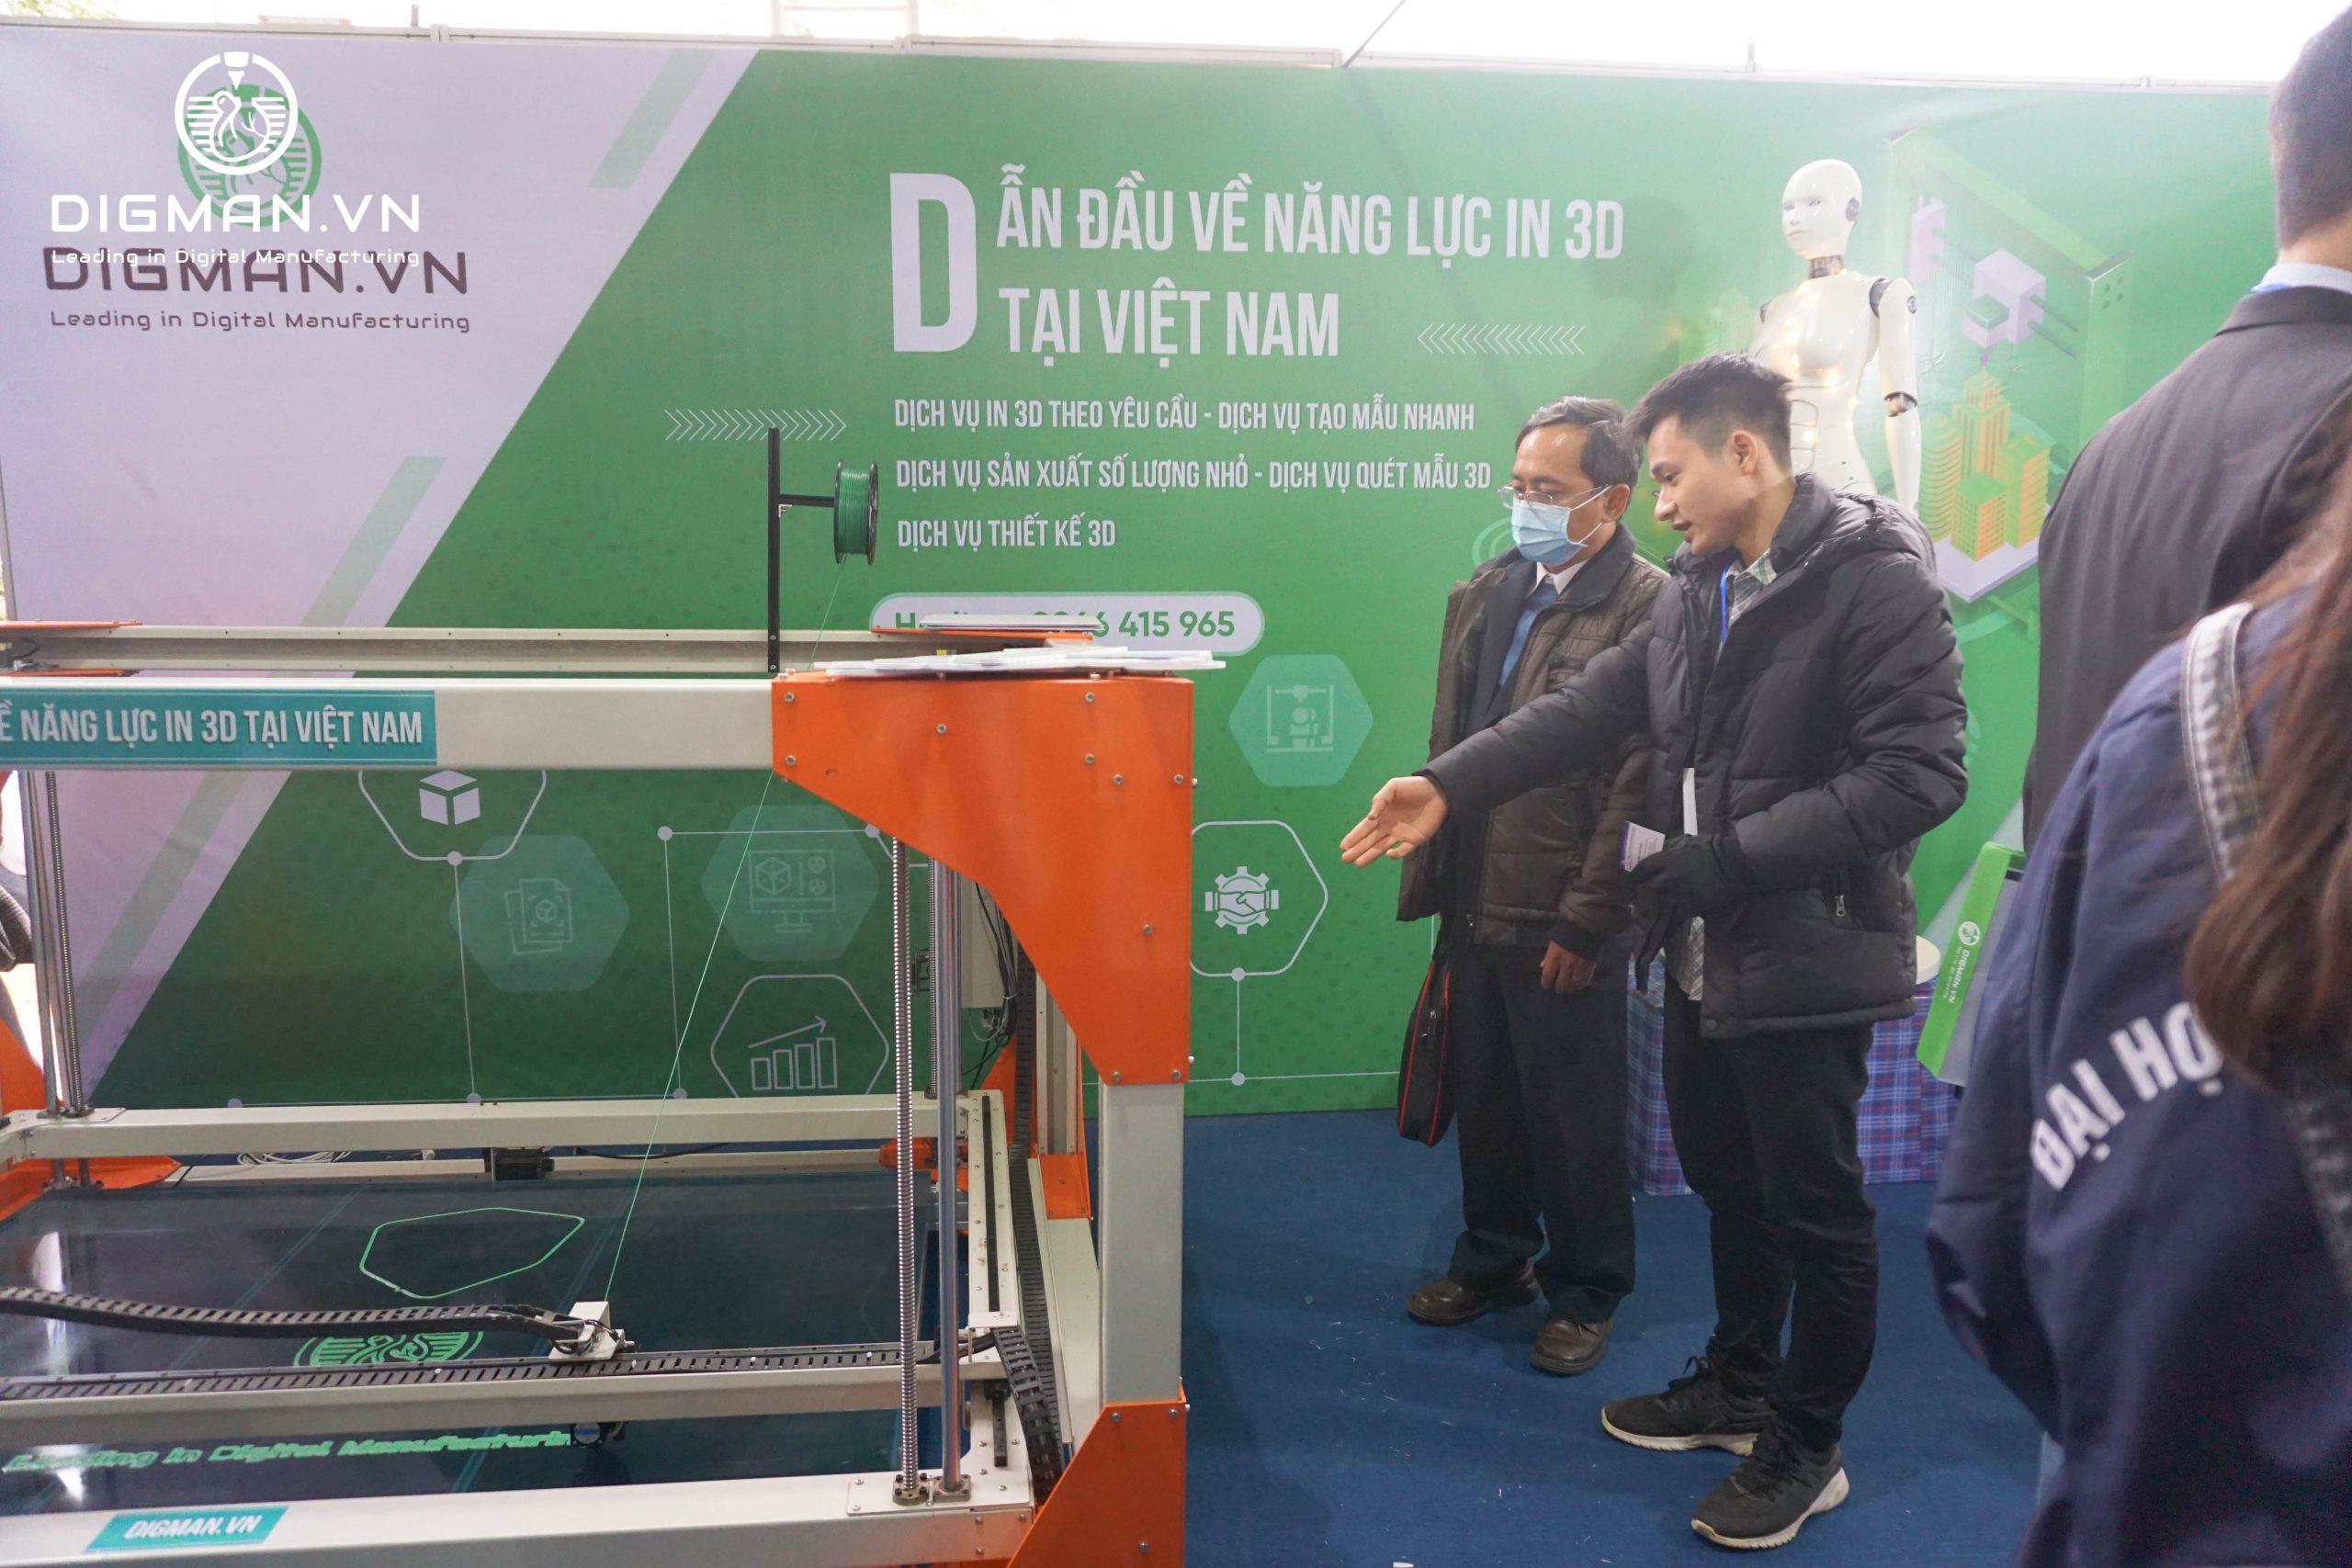 DIGMAN giới thiệu máy in 3D công nghiệp khổ lớn tại sự kiện